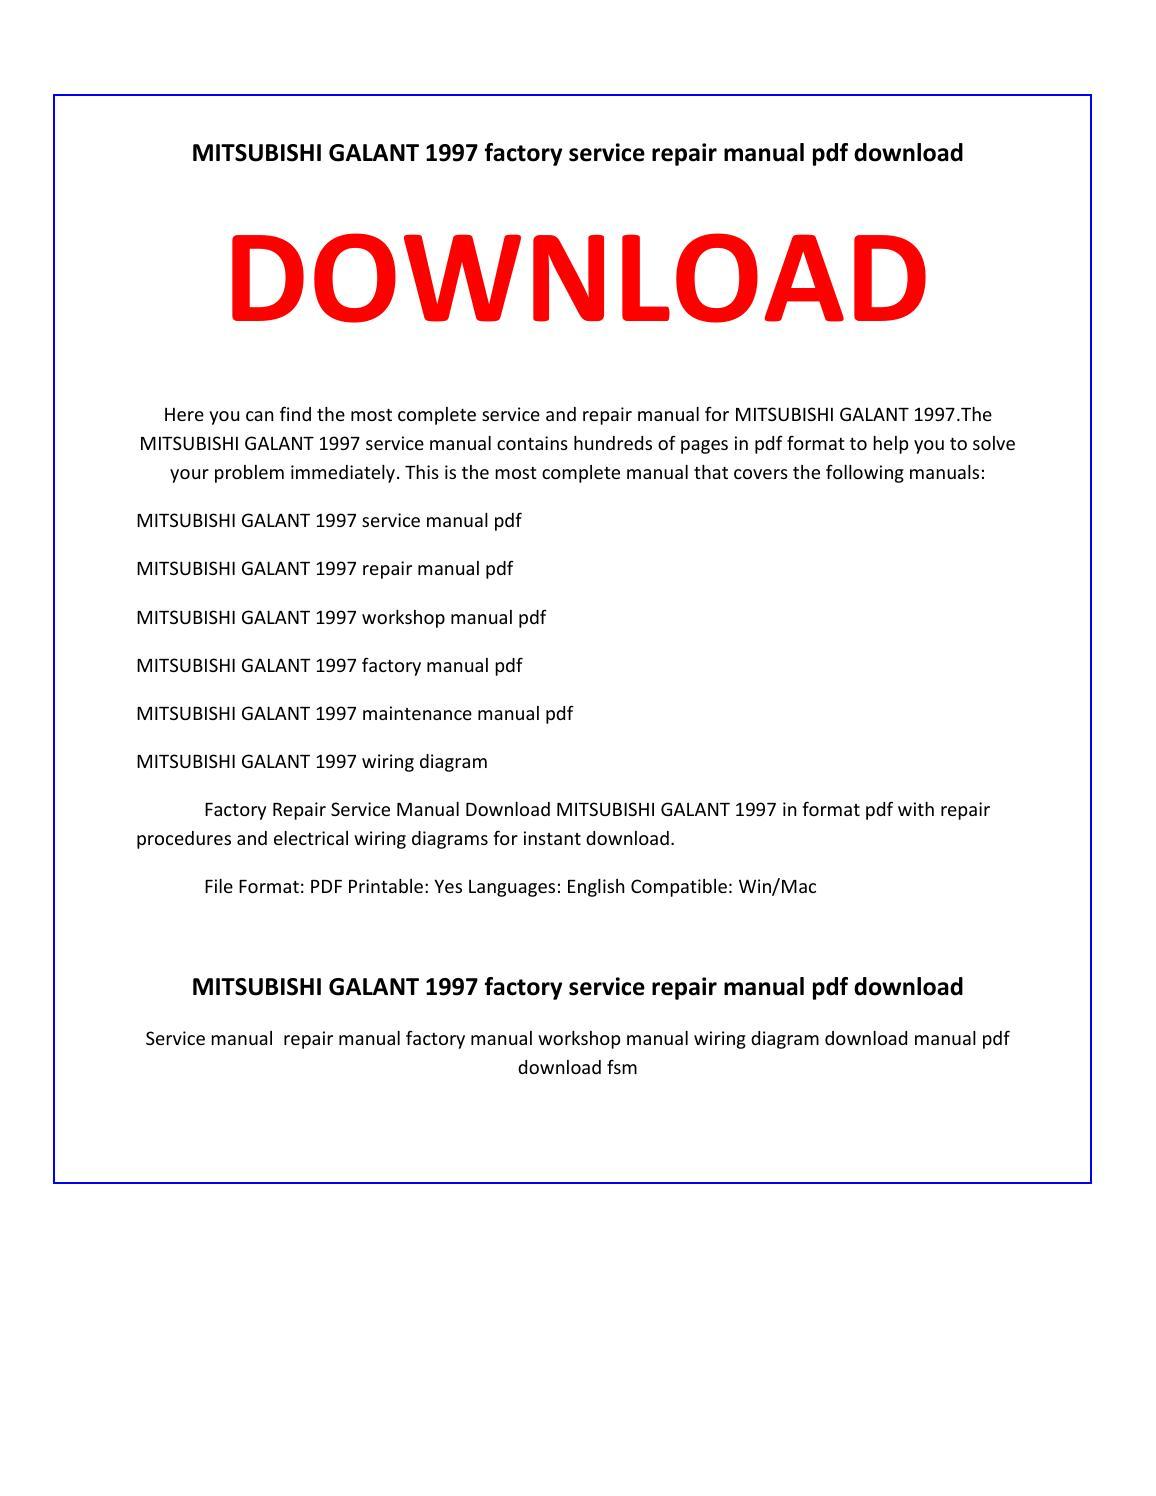 hight resolution of mitsubishi galant 1997 service repair manual